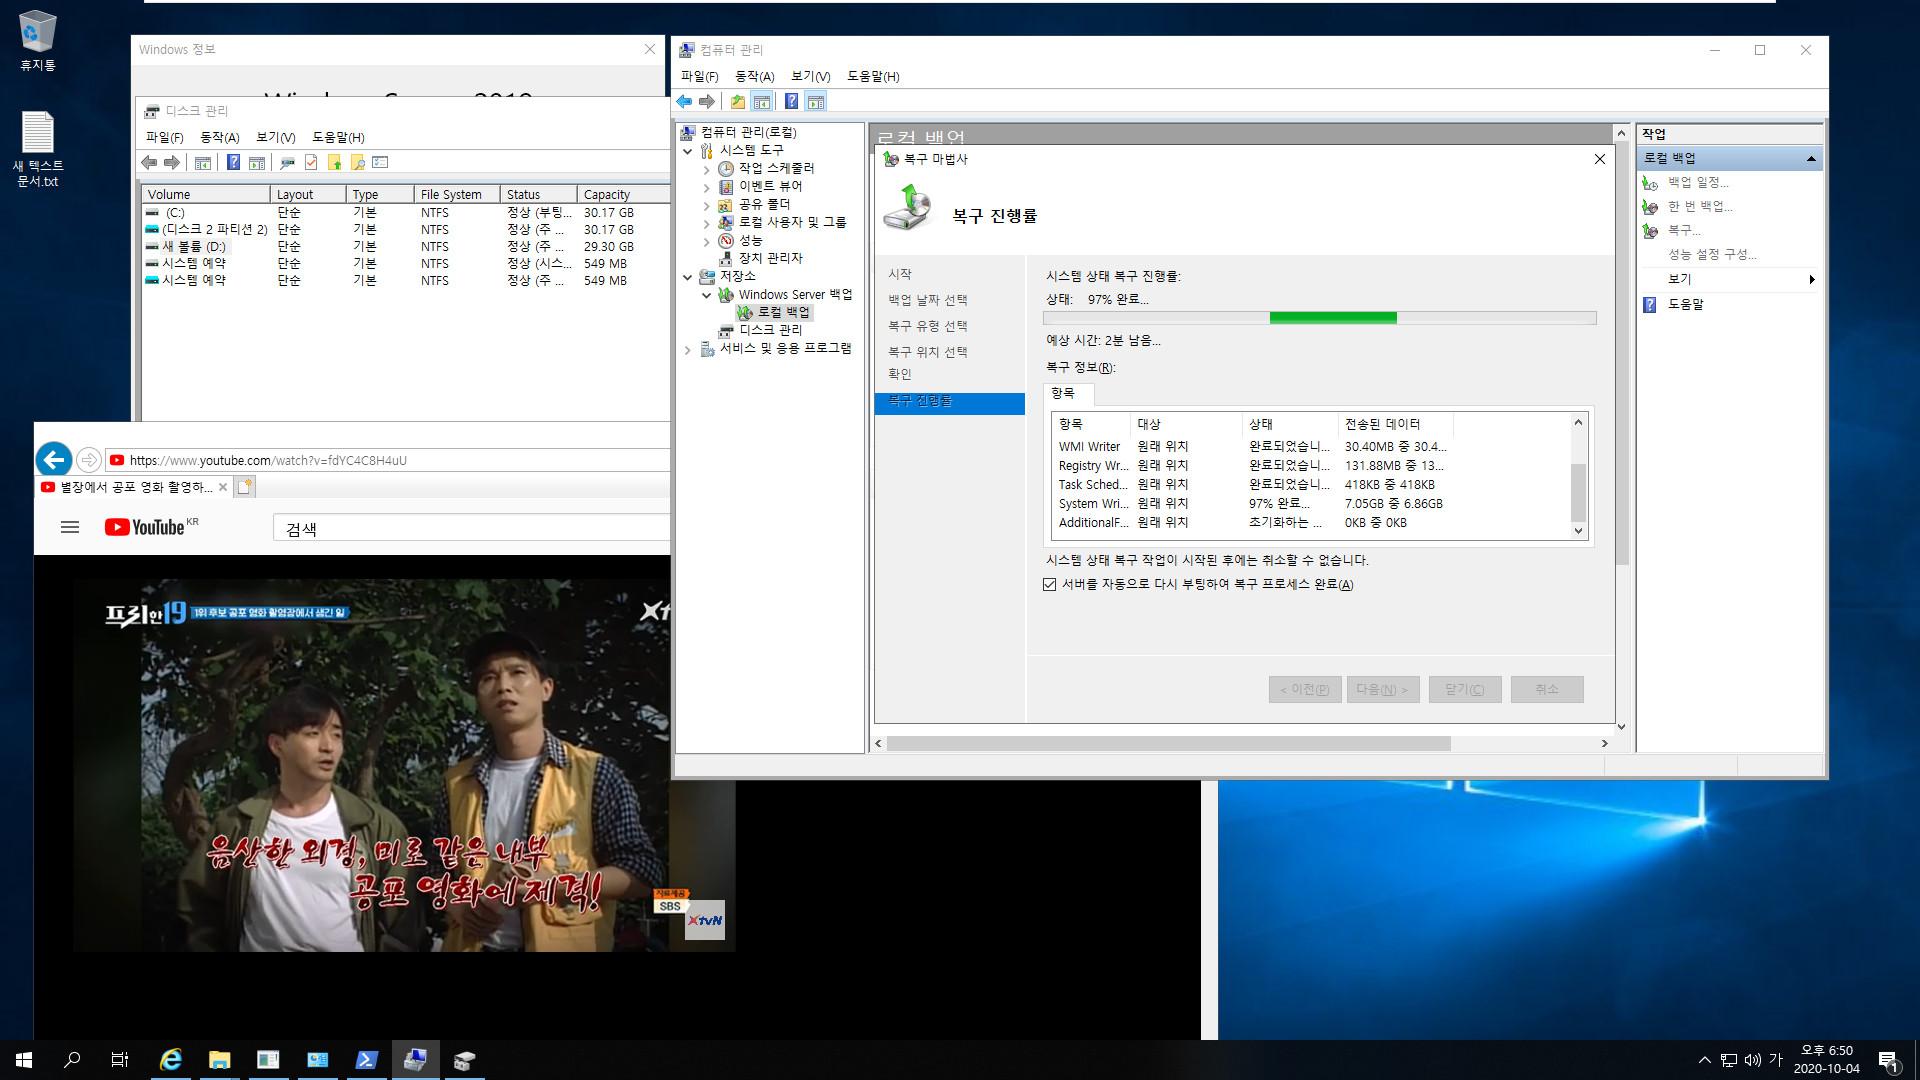 윈도우 서버군은 윈도우 사용중에도 자체 WBadmin 명령으로 윈도우 복구를 합니다 - Windows Server 2019로 복구 테스트 2020-10-04_185005.jpg